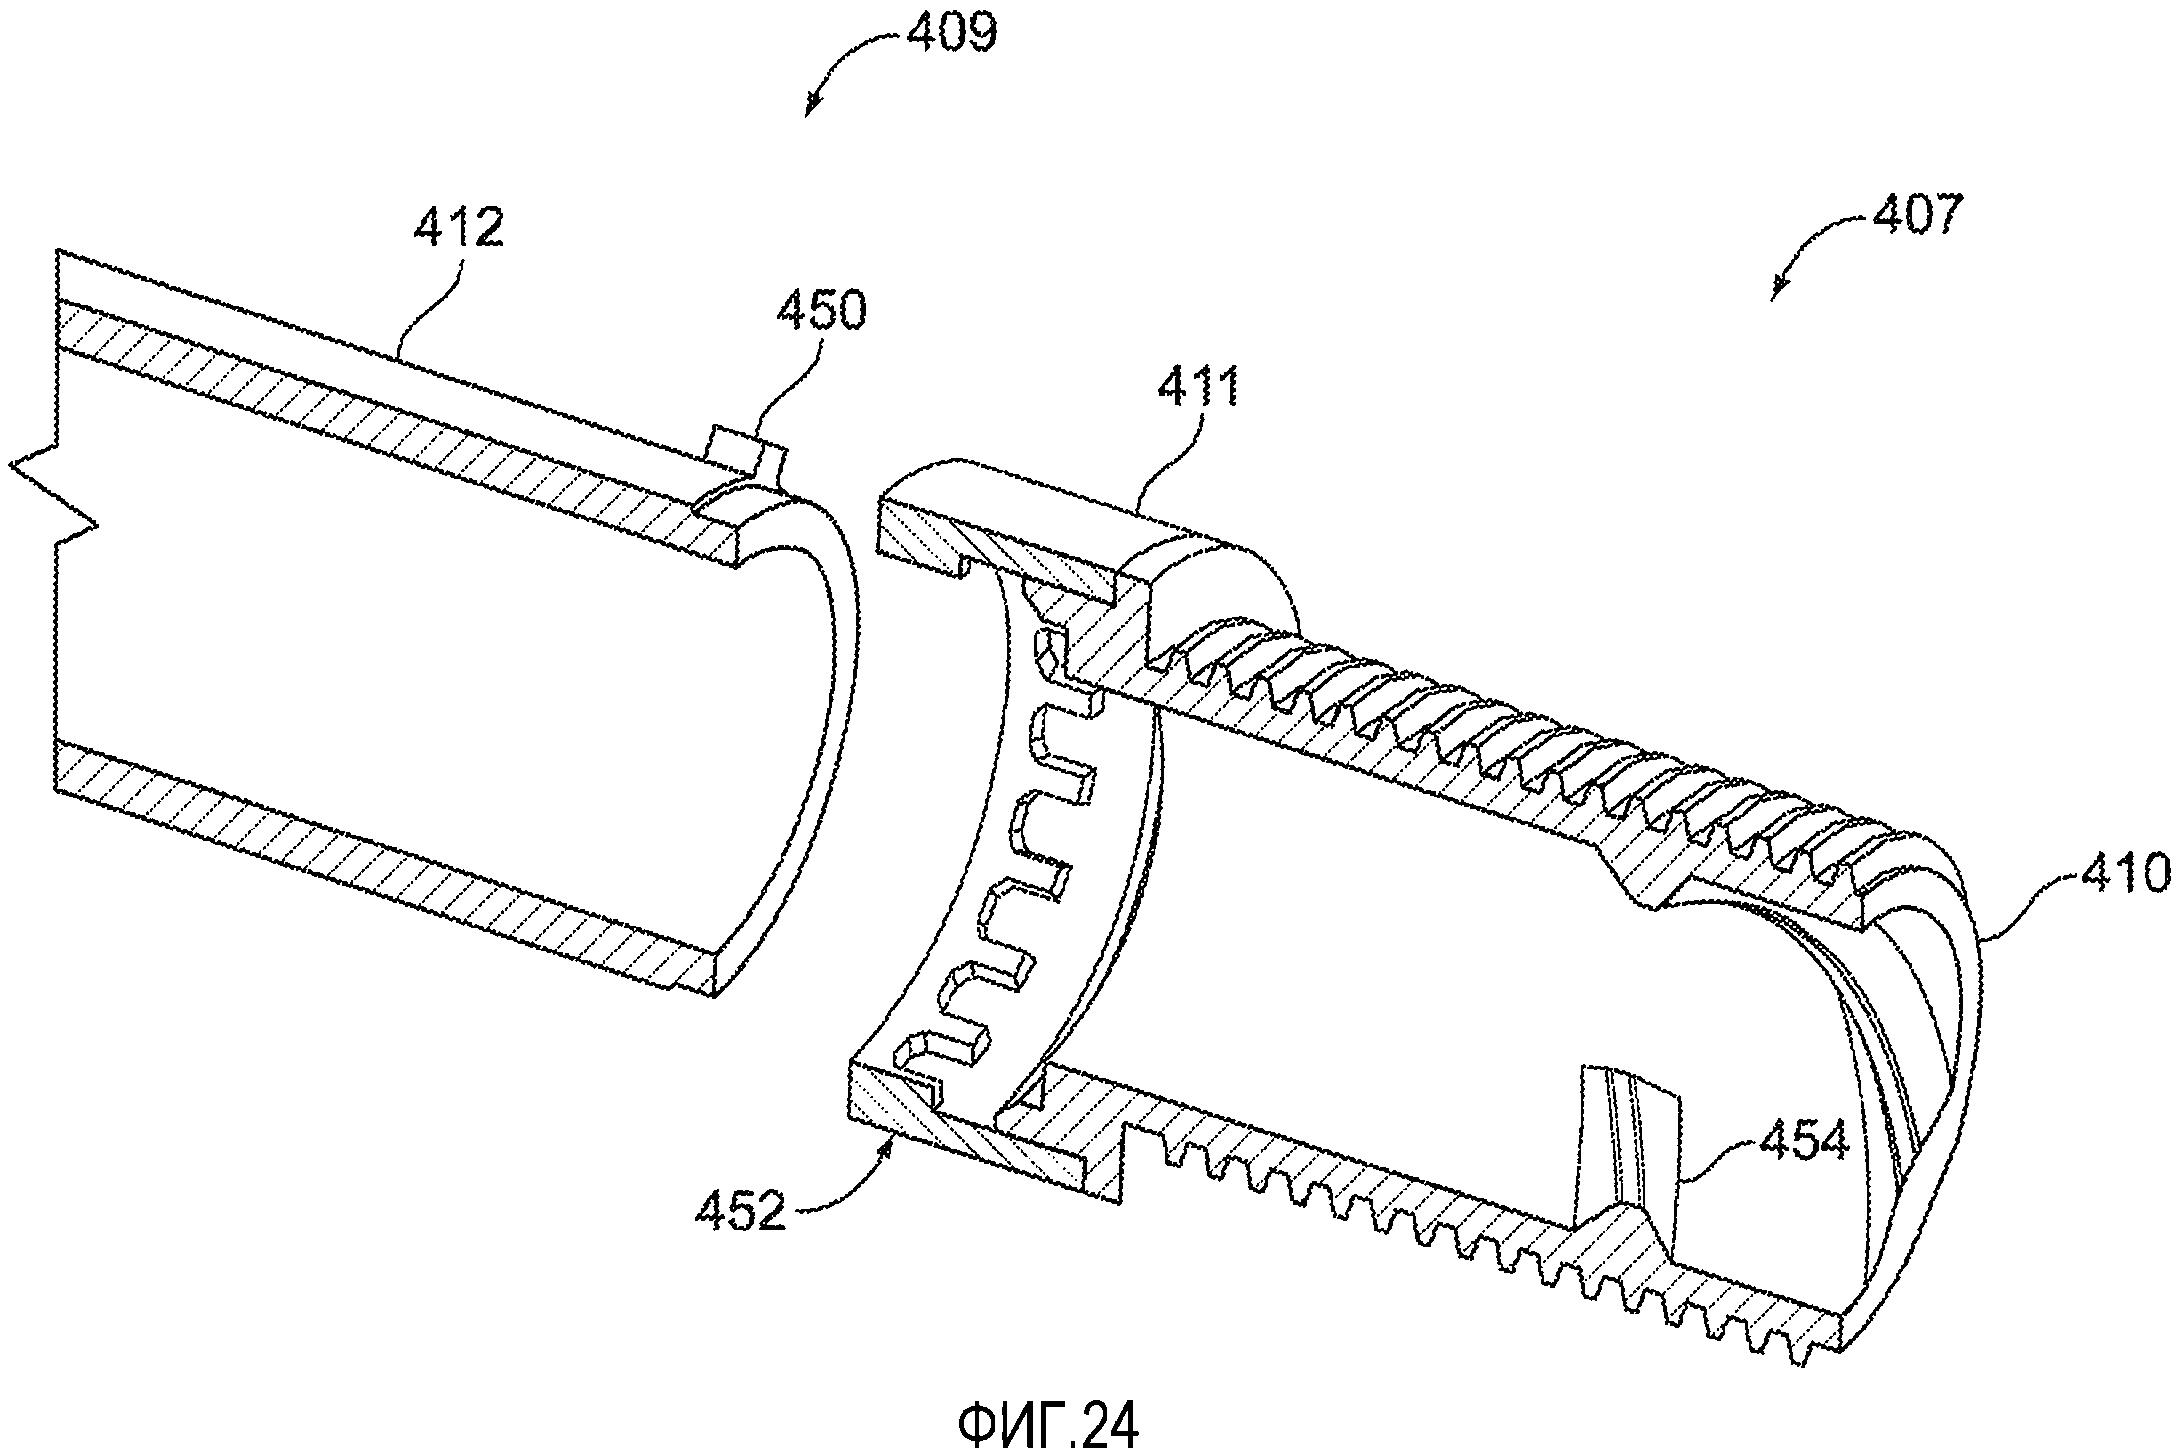 Шпиндель для устройства доставки лекарственного средства